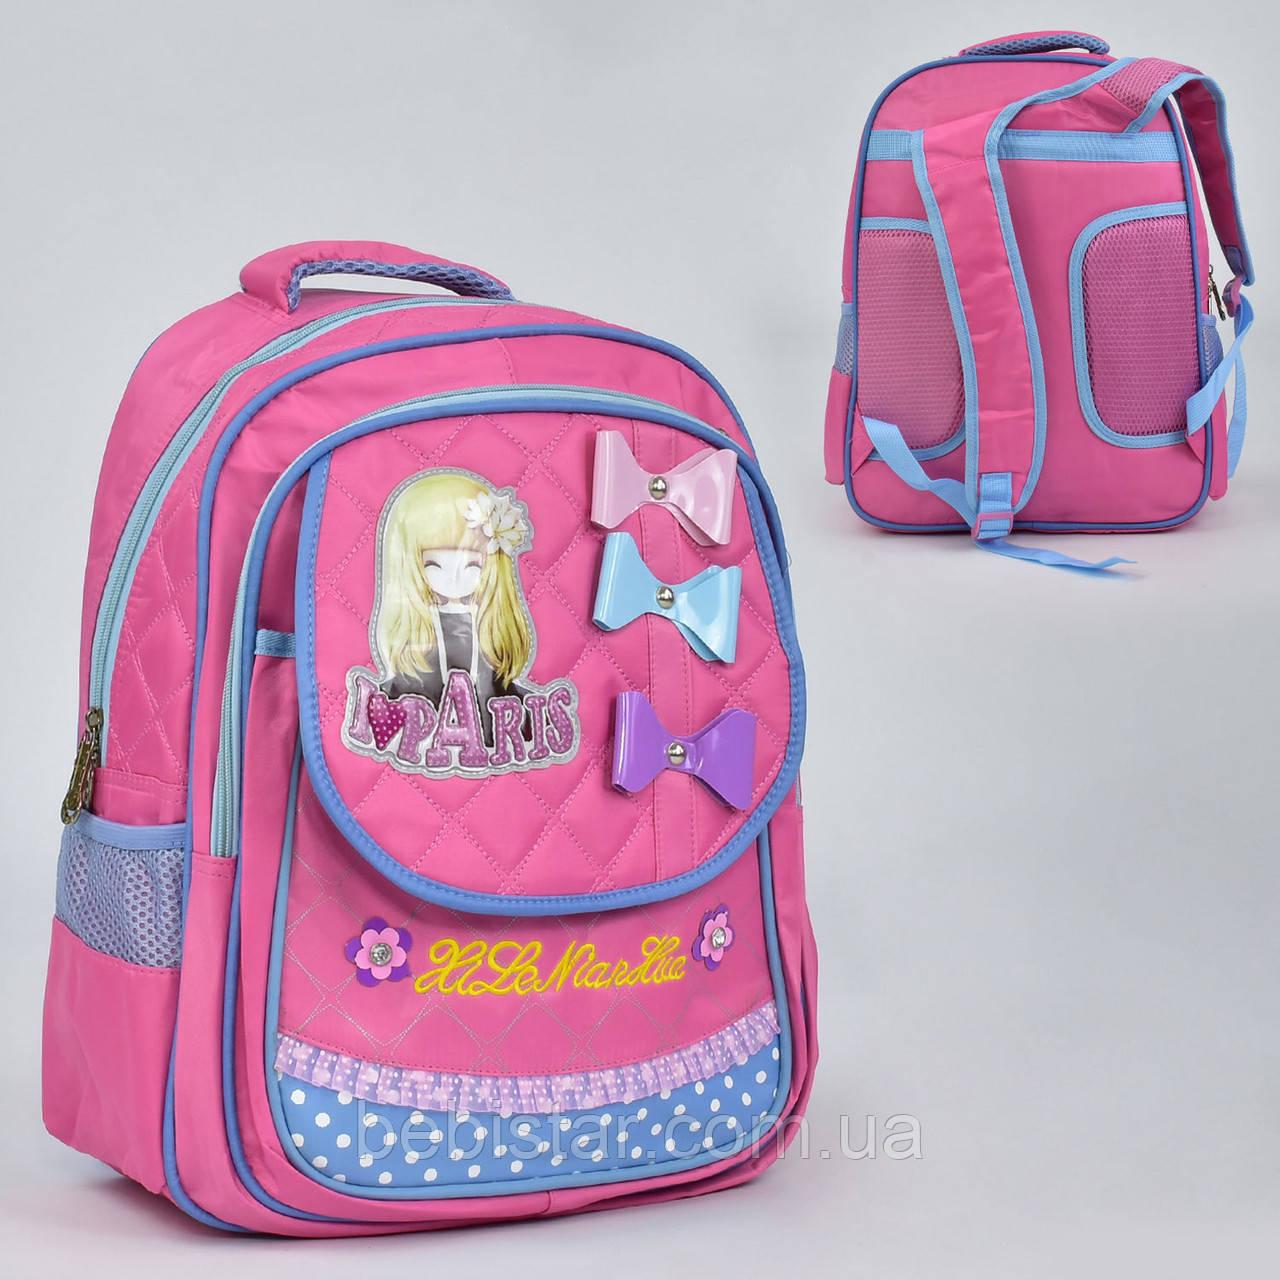 Школьный рюкзак спинка ортопедическая 2 кармана в розовом цвете